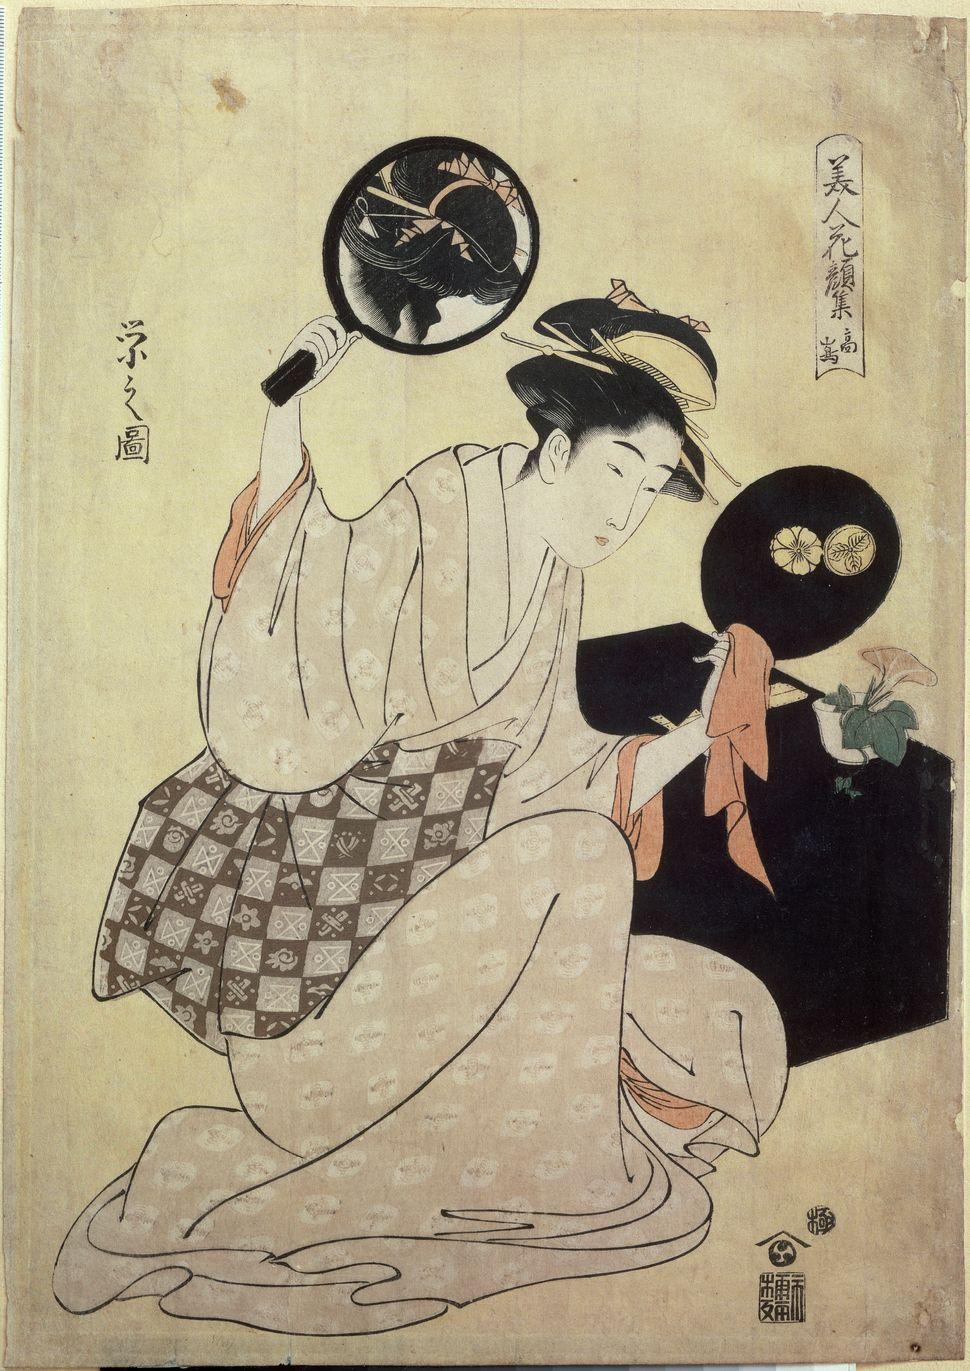 """Chobunsai (ou Hosoda) Eishi, """"Young woman fixingher hair in a mirror,""""1795-1796"""